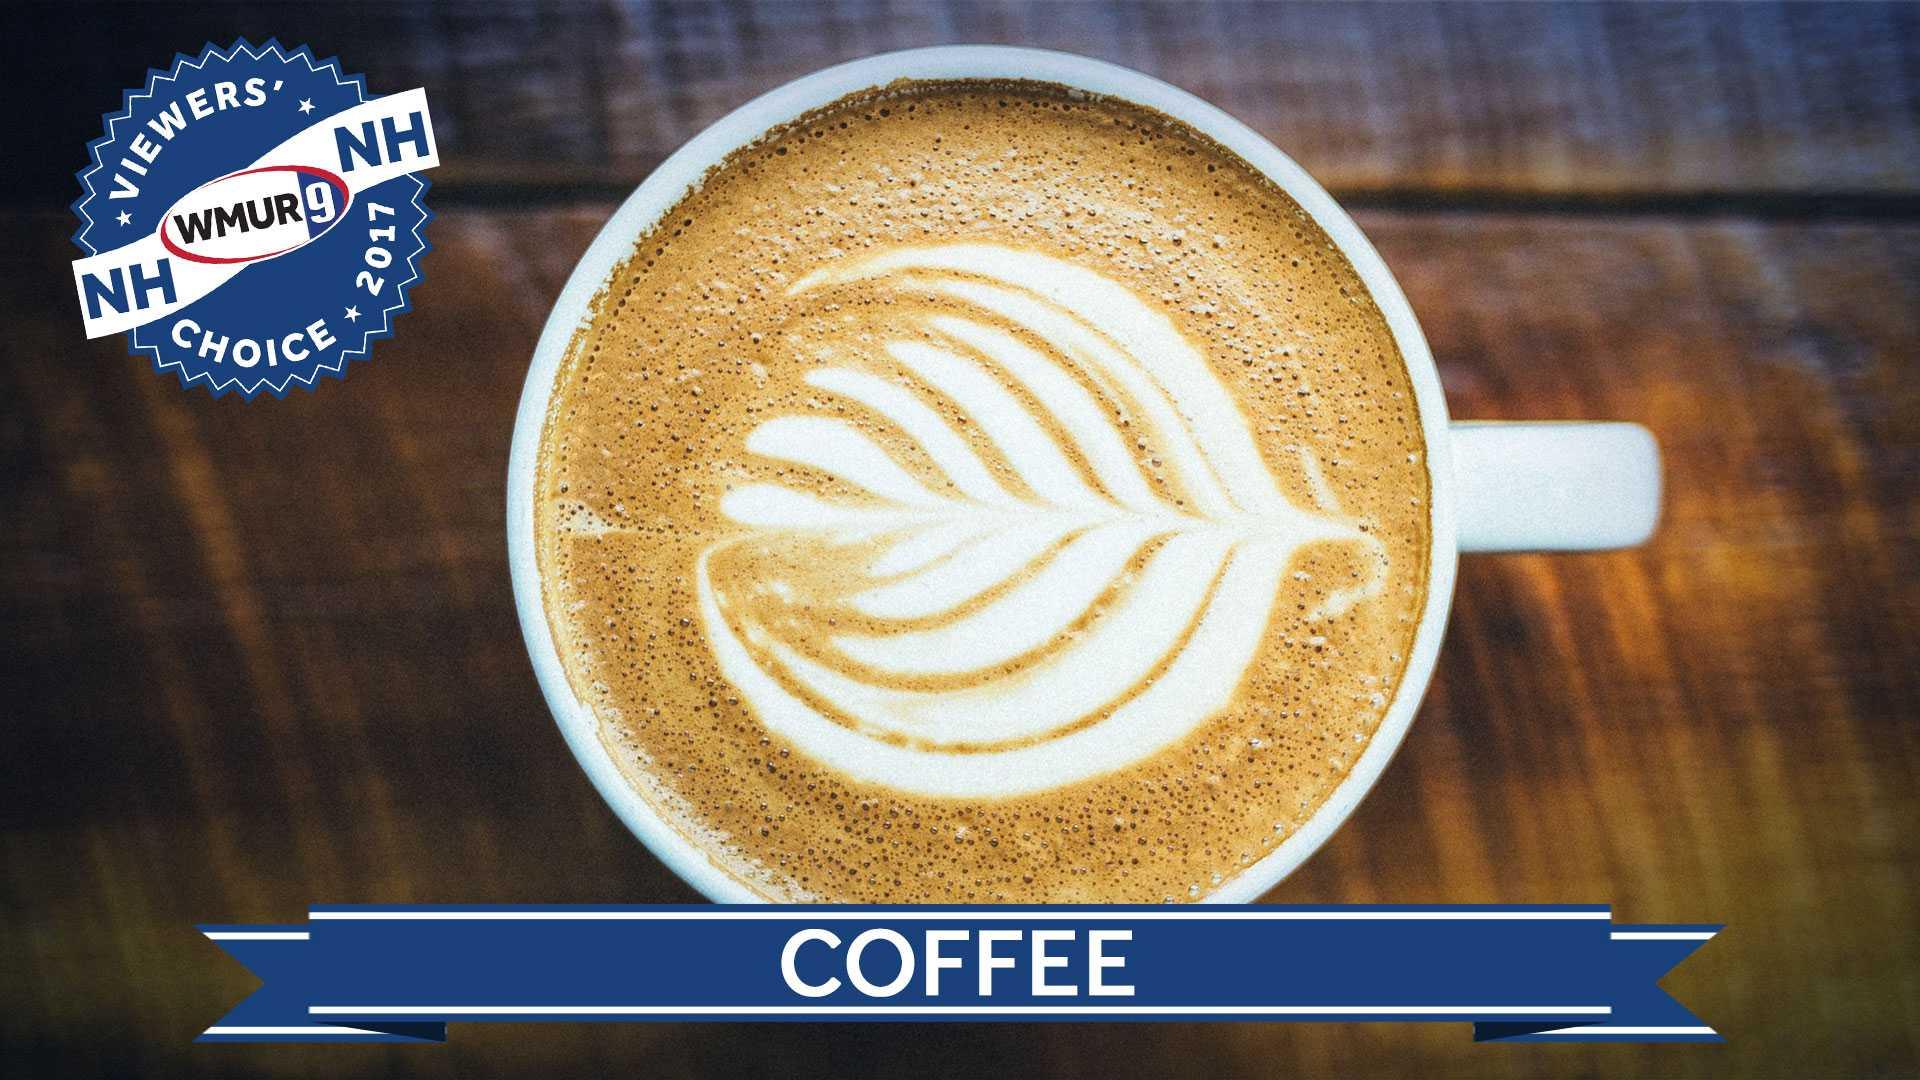 viewers' choice 2017: coffee